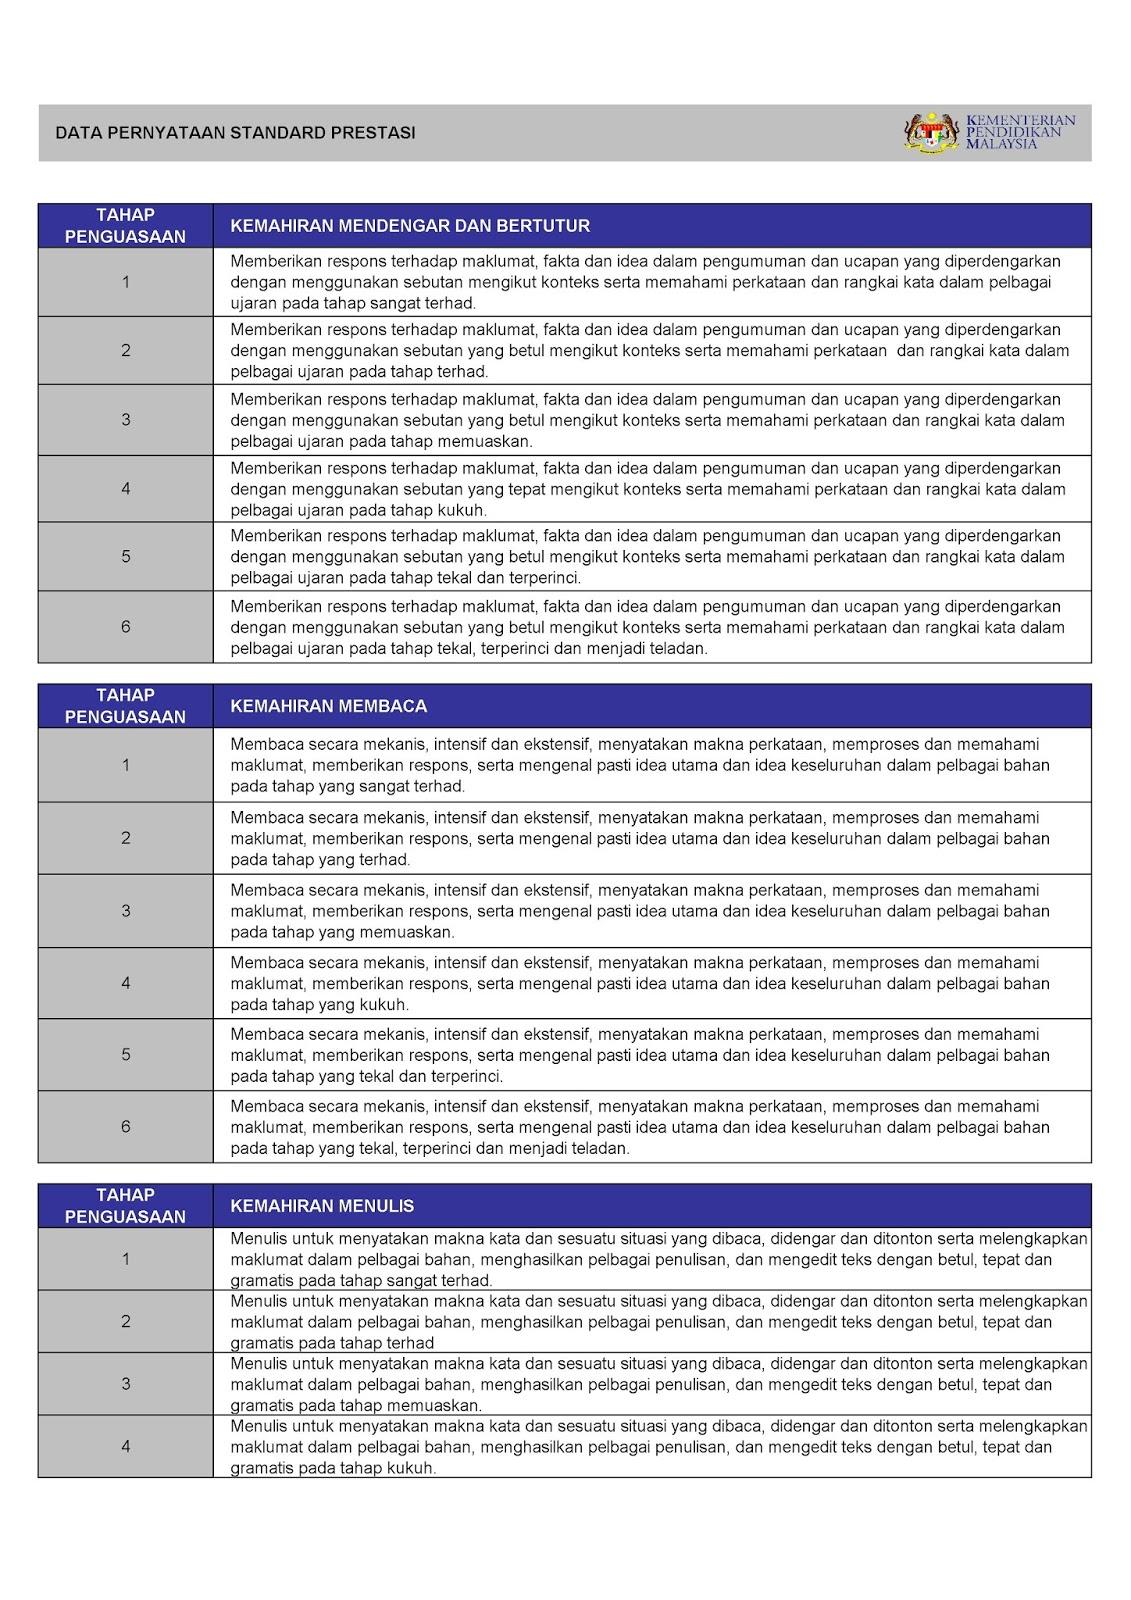 Panduan Pengisian Templat Pelaporan Pentaksiran Bilik Darjah Pbd 2018 Malaysiaway